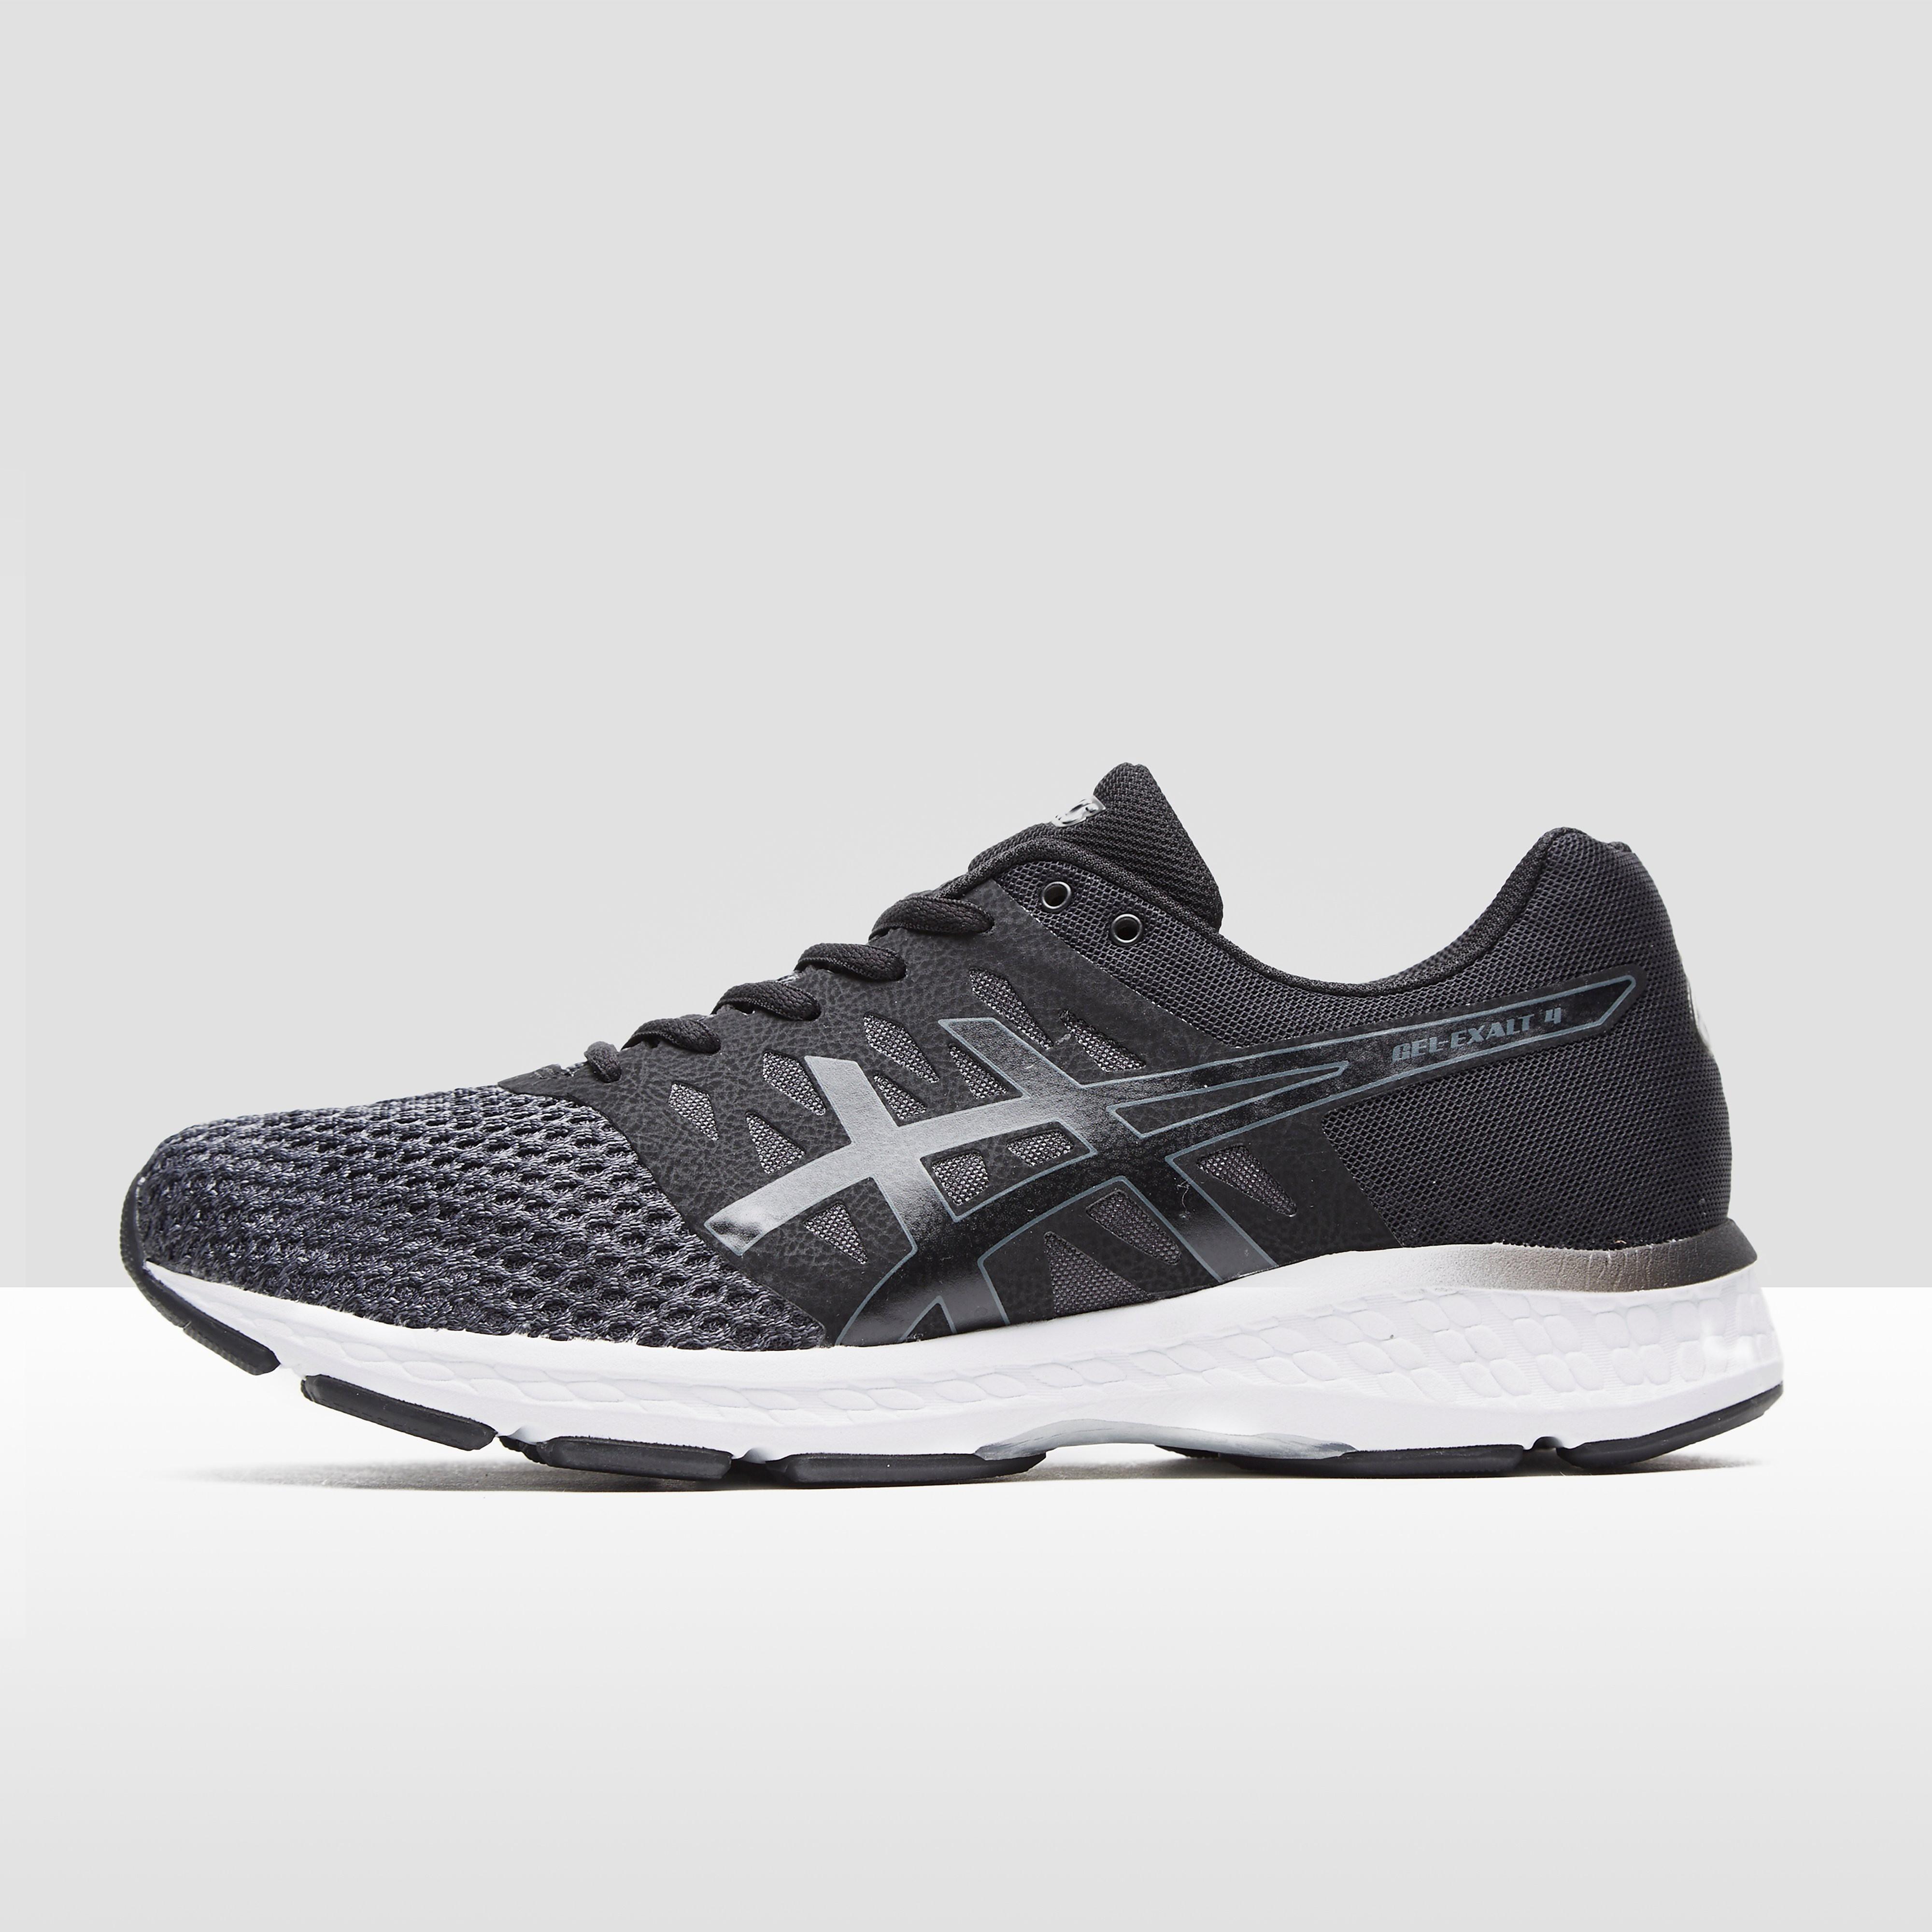 ASICS GEL Exalt Men's Running Shoes